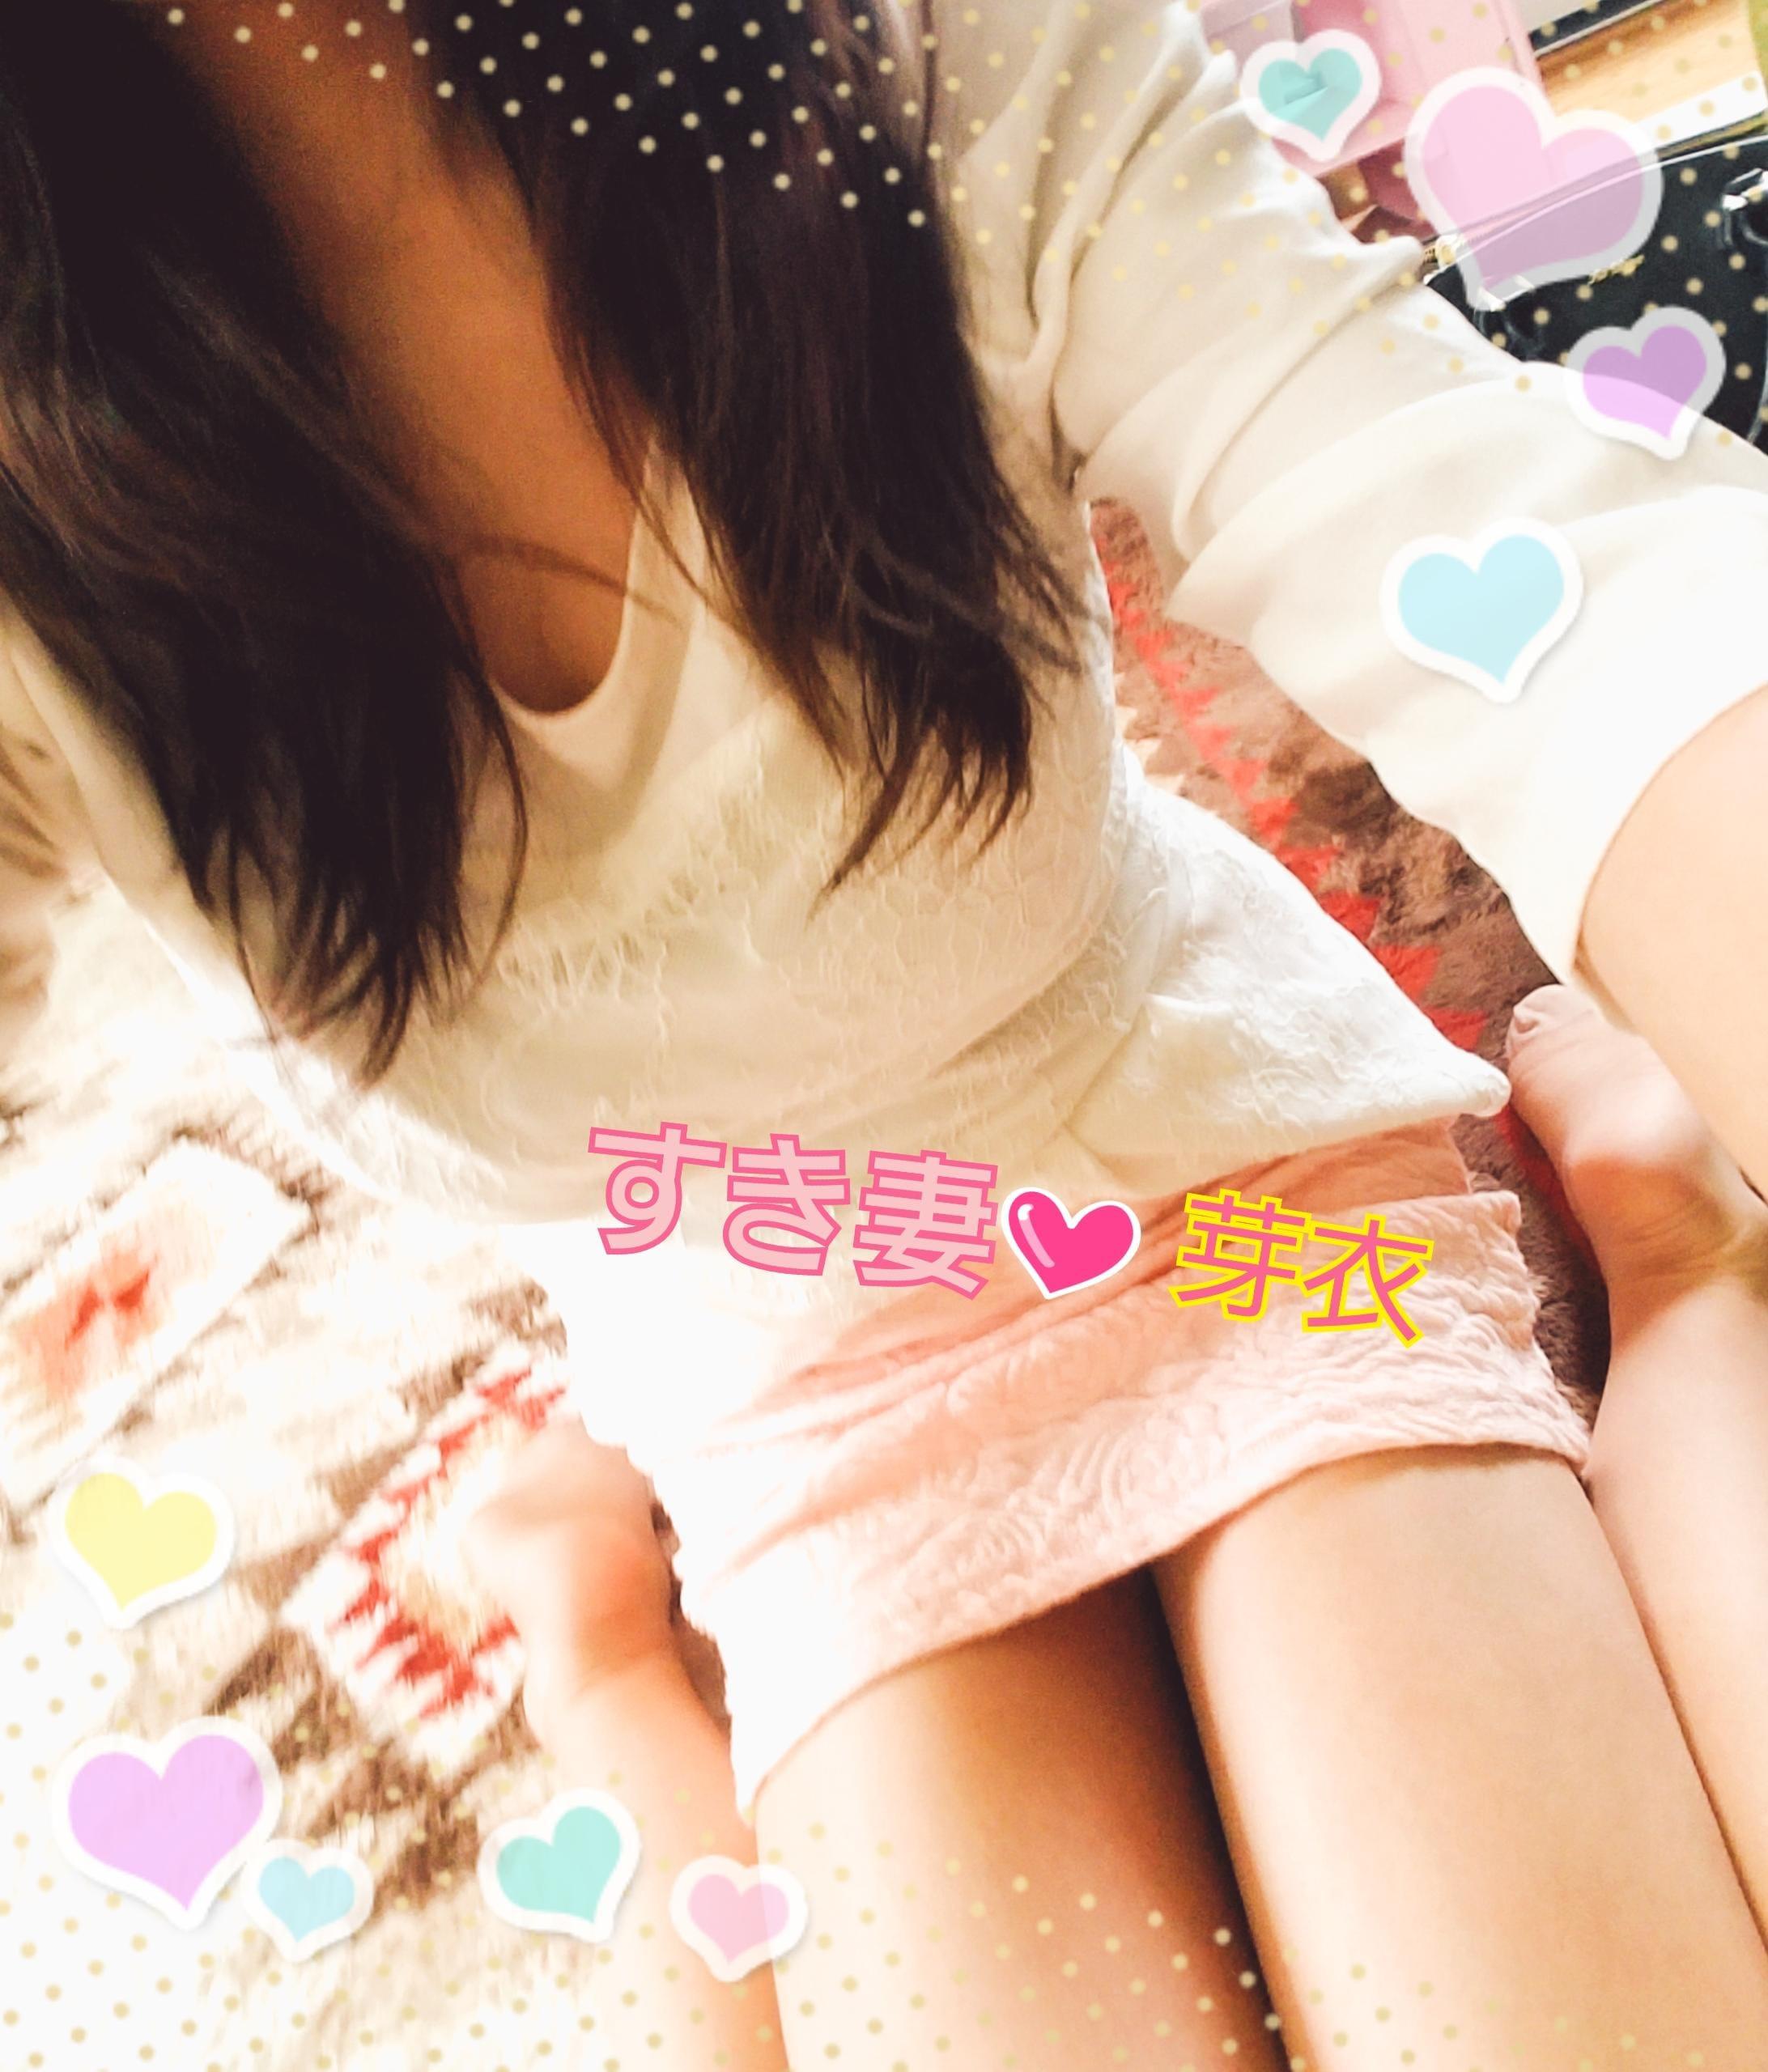 芽衣「ありがとうございました」07/21(土) 20:42   芽衣の写メ・風俗動画